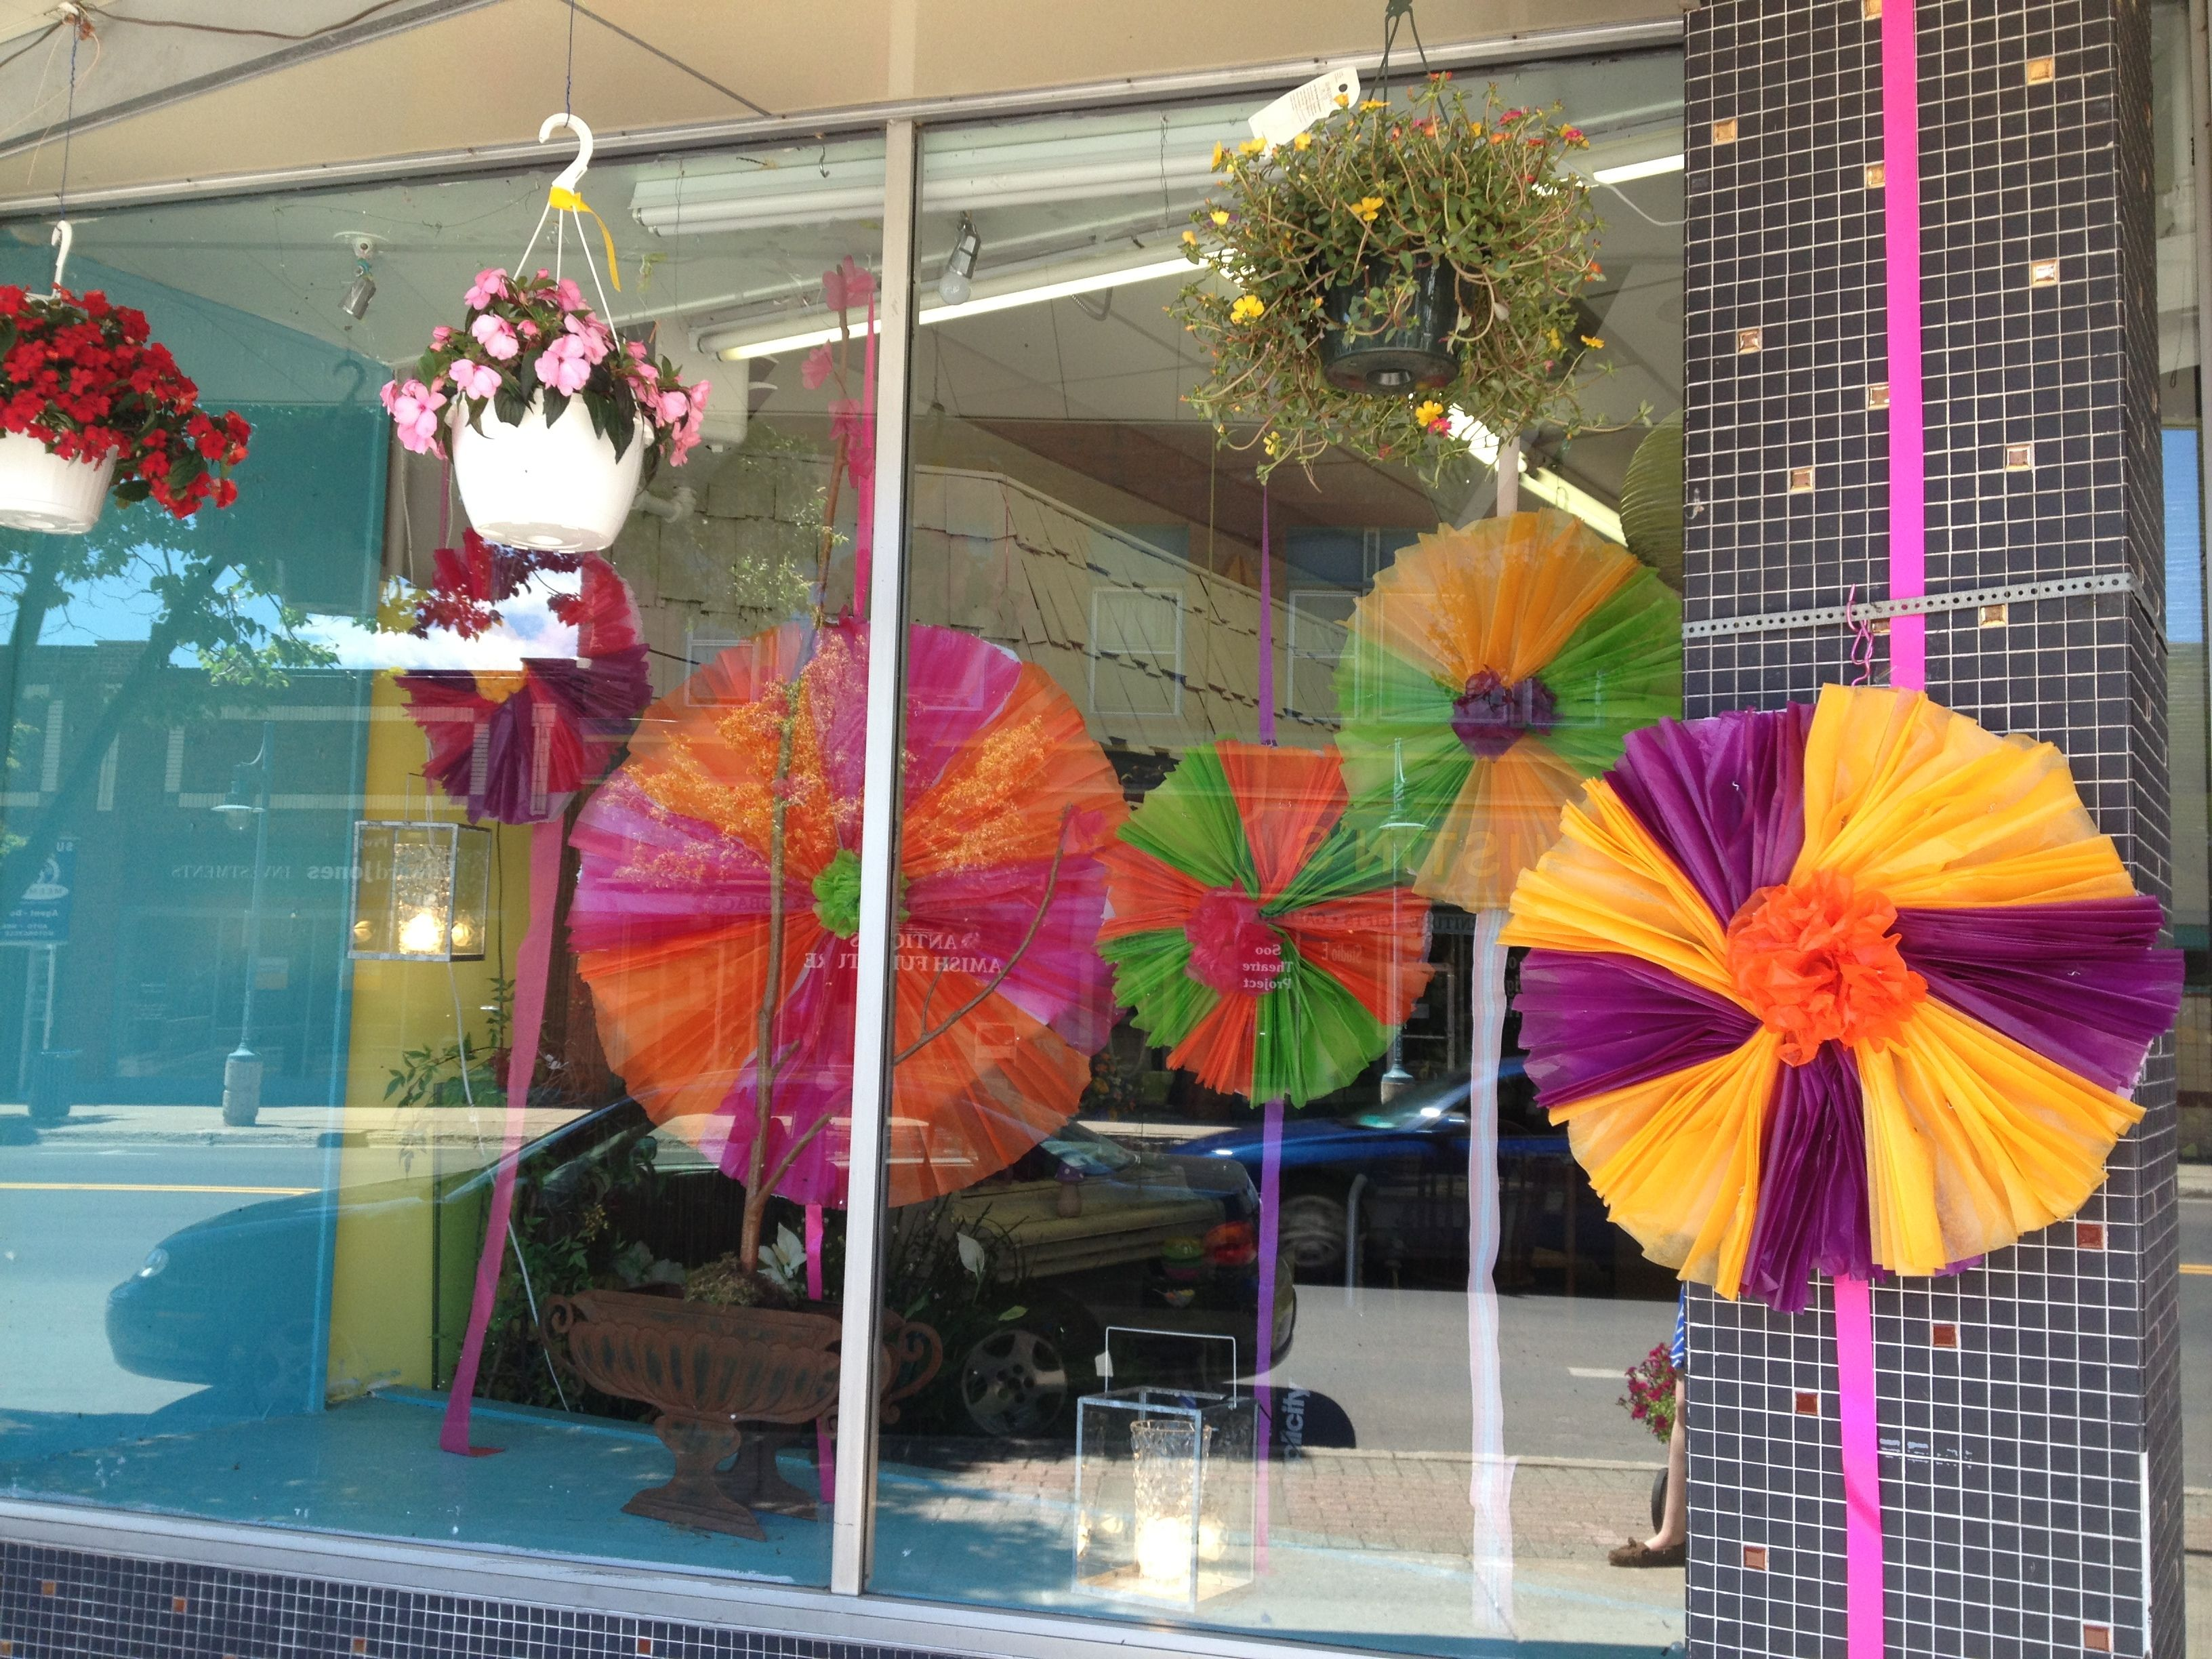 Pinwheel window display for summer Summer window display